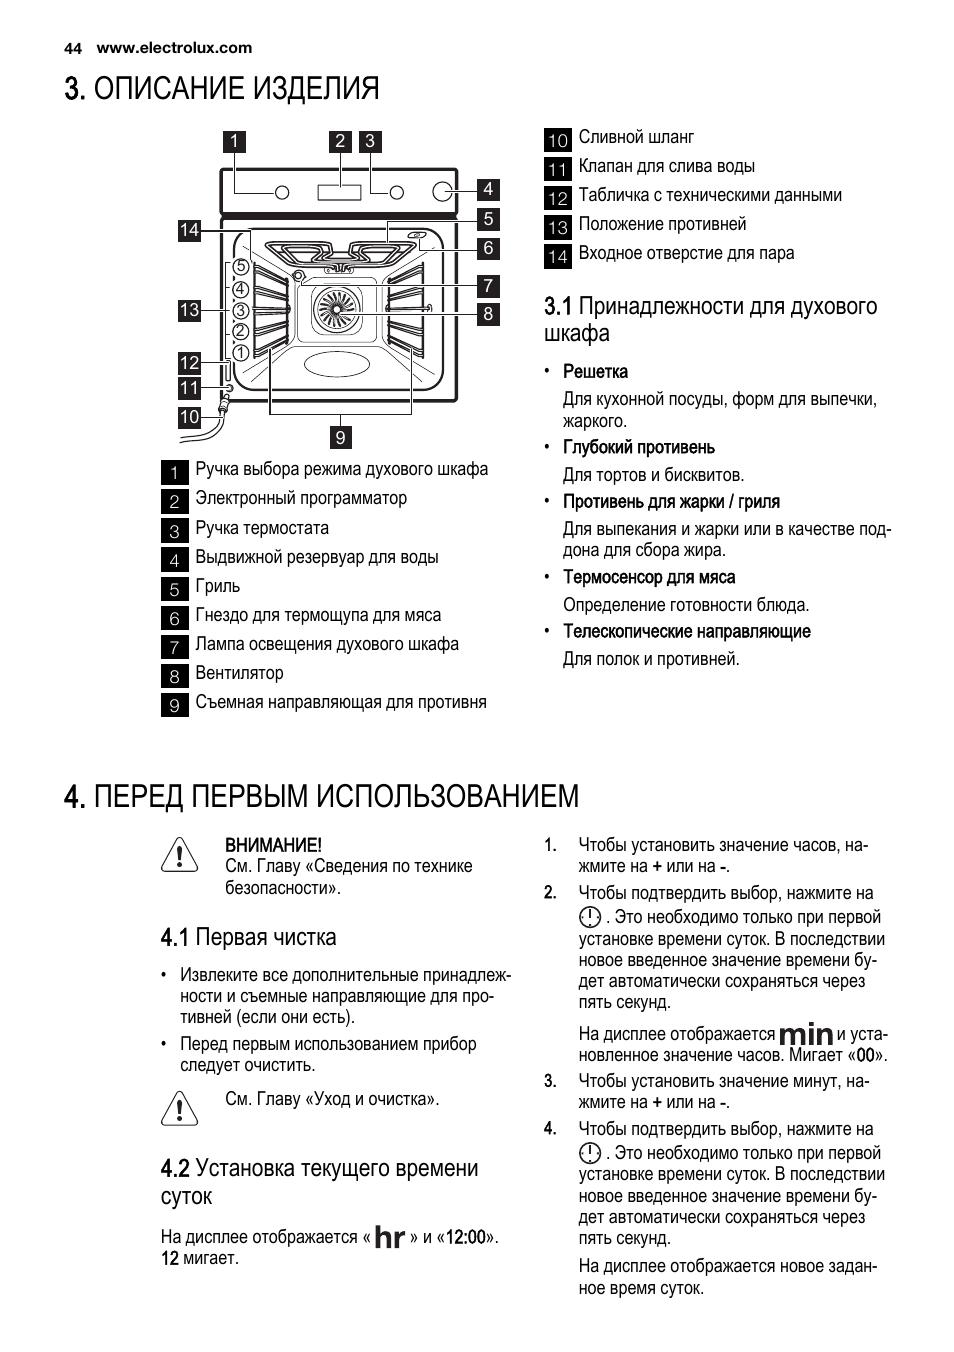 что духовые шкафы электролюкс инструкция ряд: 3XL